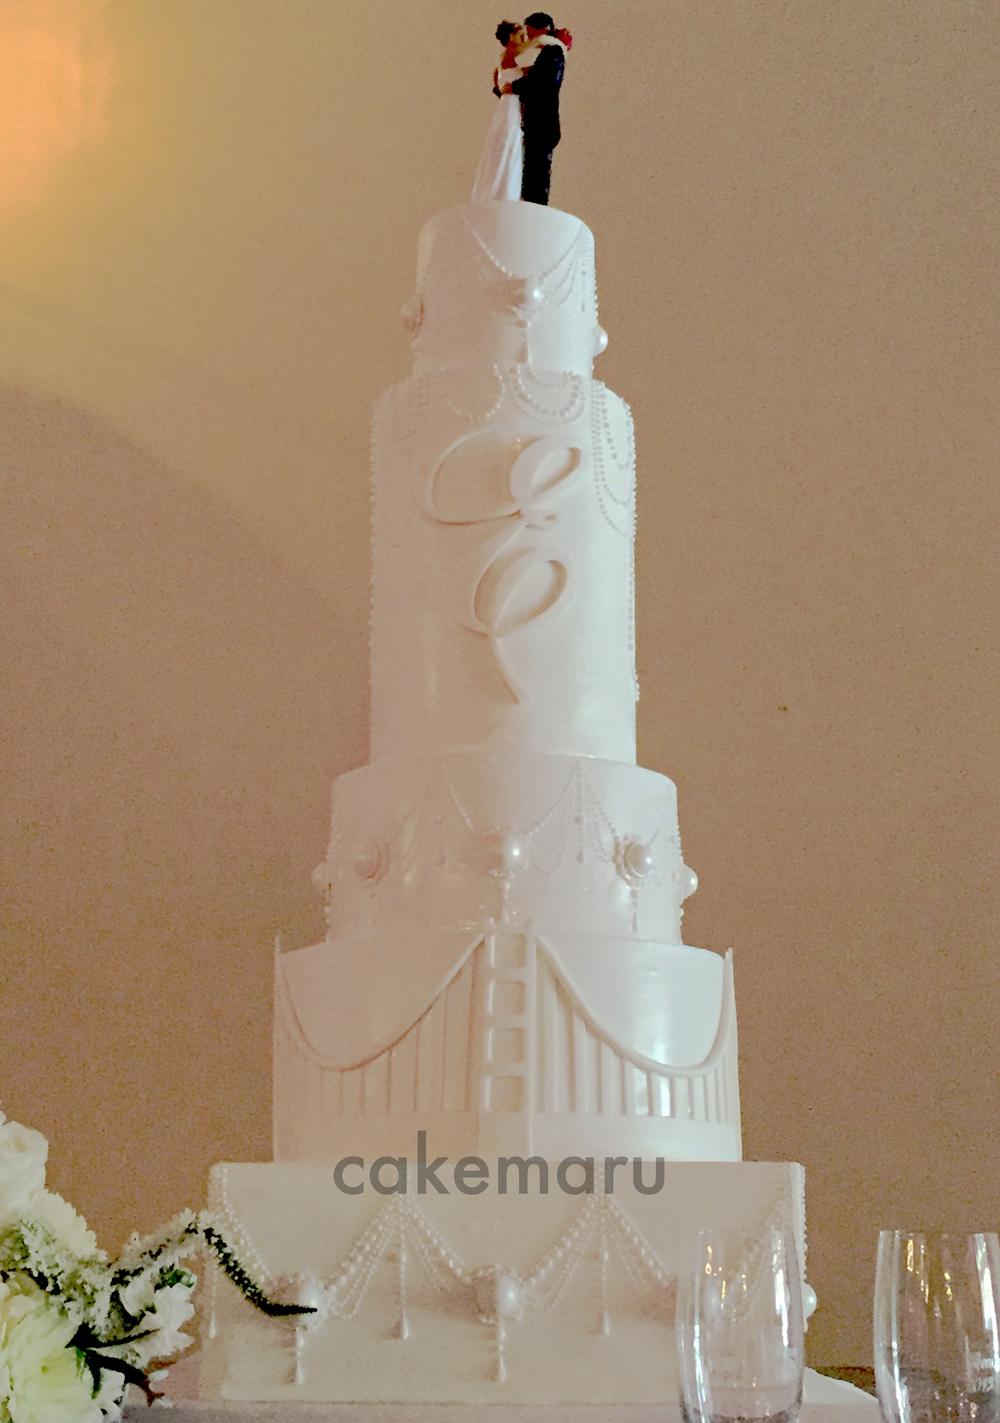 Golden Gate Bridge wedding cake 2.jpg